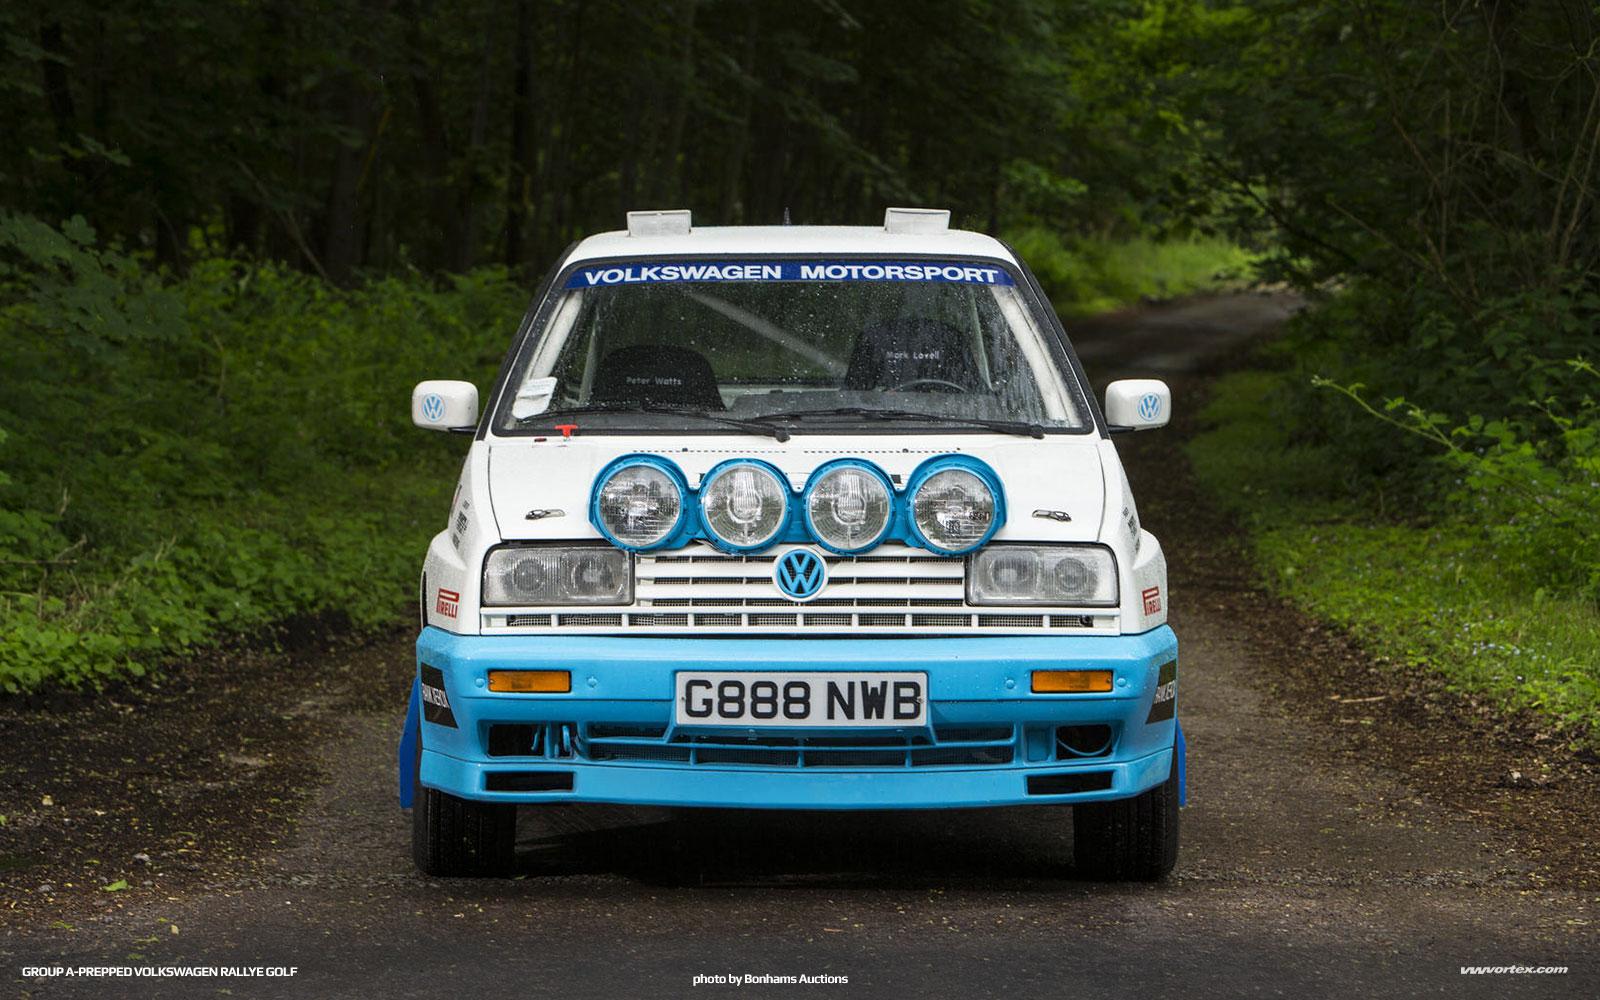 Volkswagen-Rallye-Golf-Group-A-3